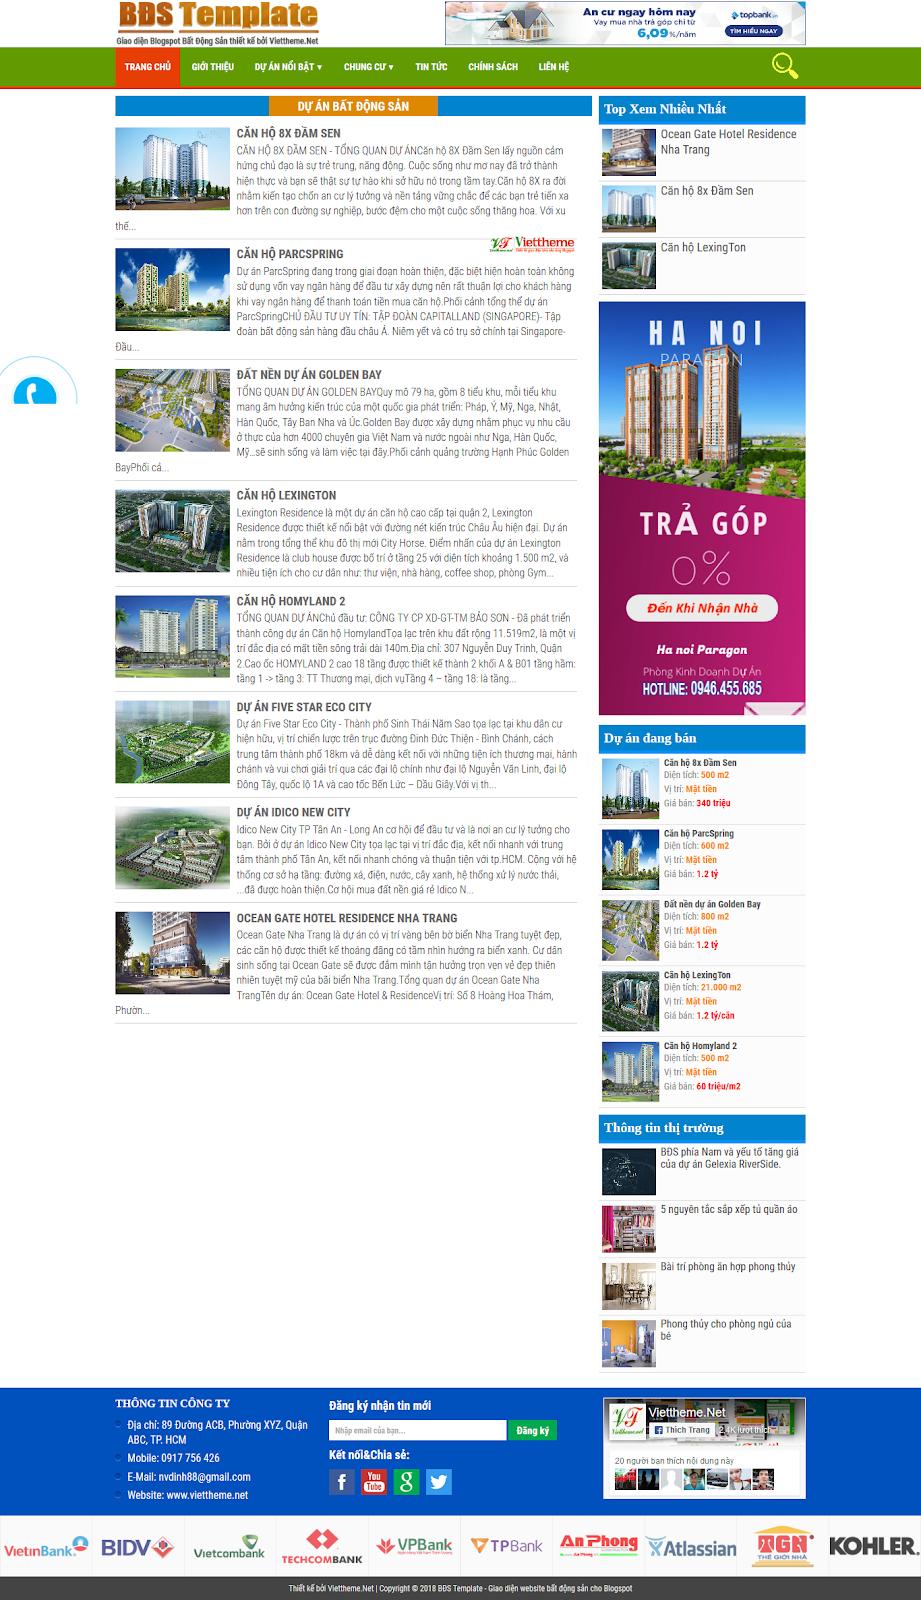 BĐS Template - Mẫu giao diện bất động sản chuyên nghiệp cho Blogspot